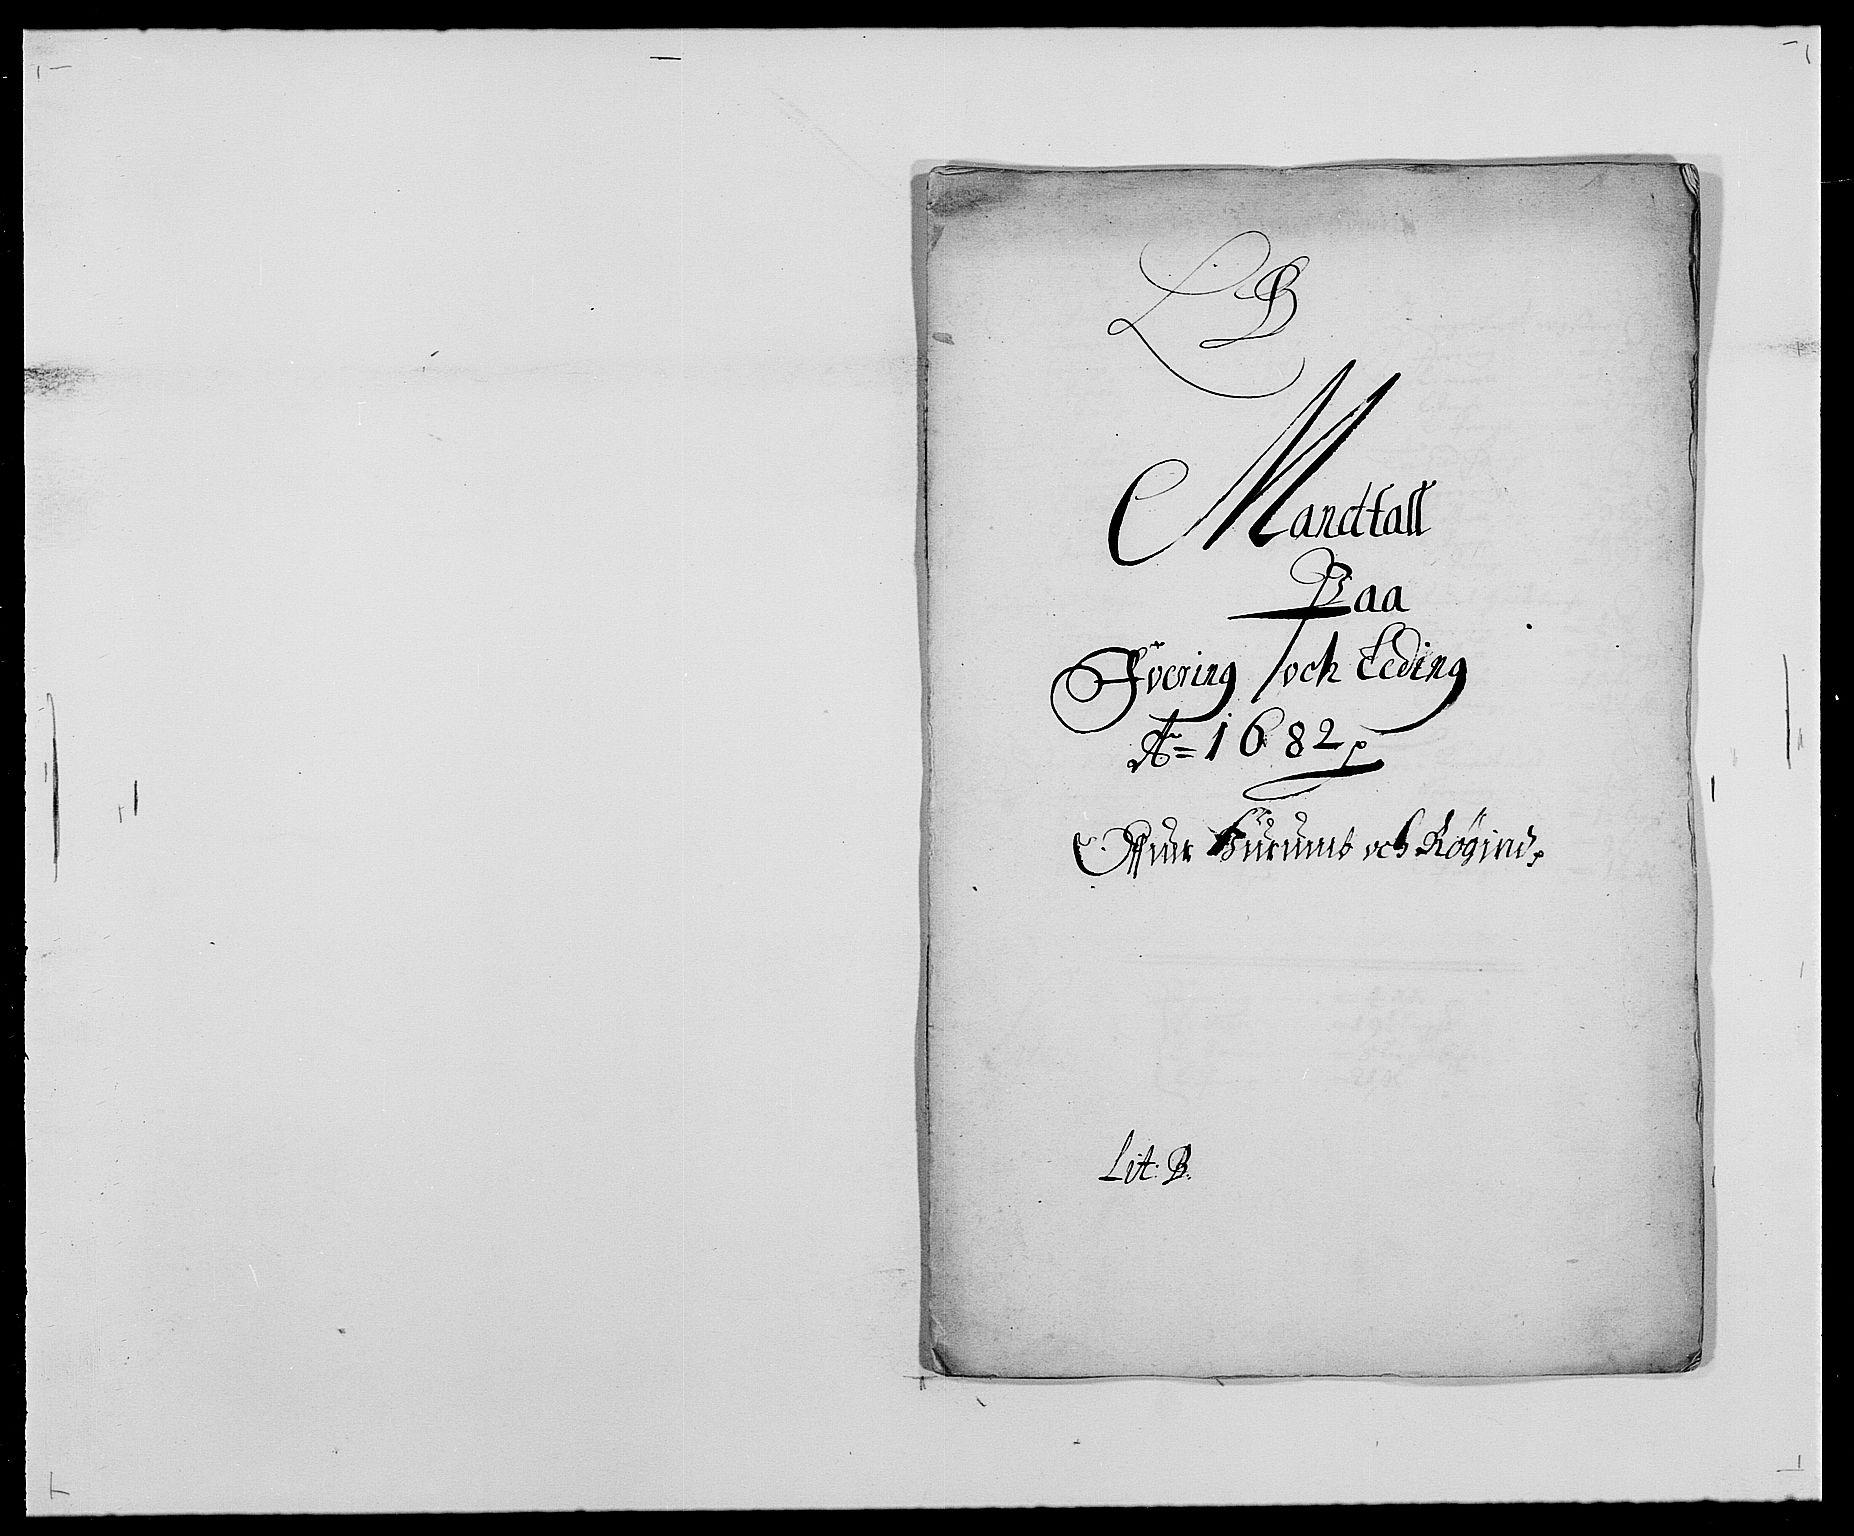 RA, Rentekammeret inntil 1814, Reviderte regnskaper, Fogderegnskap, R29/L1692: Fogderegnskap Hurum og Røyken, 1682-1687, s. 34